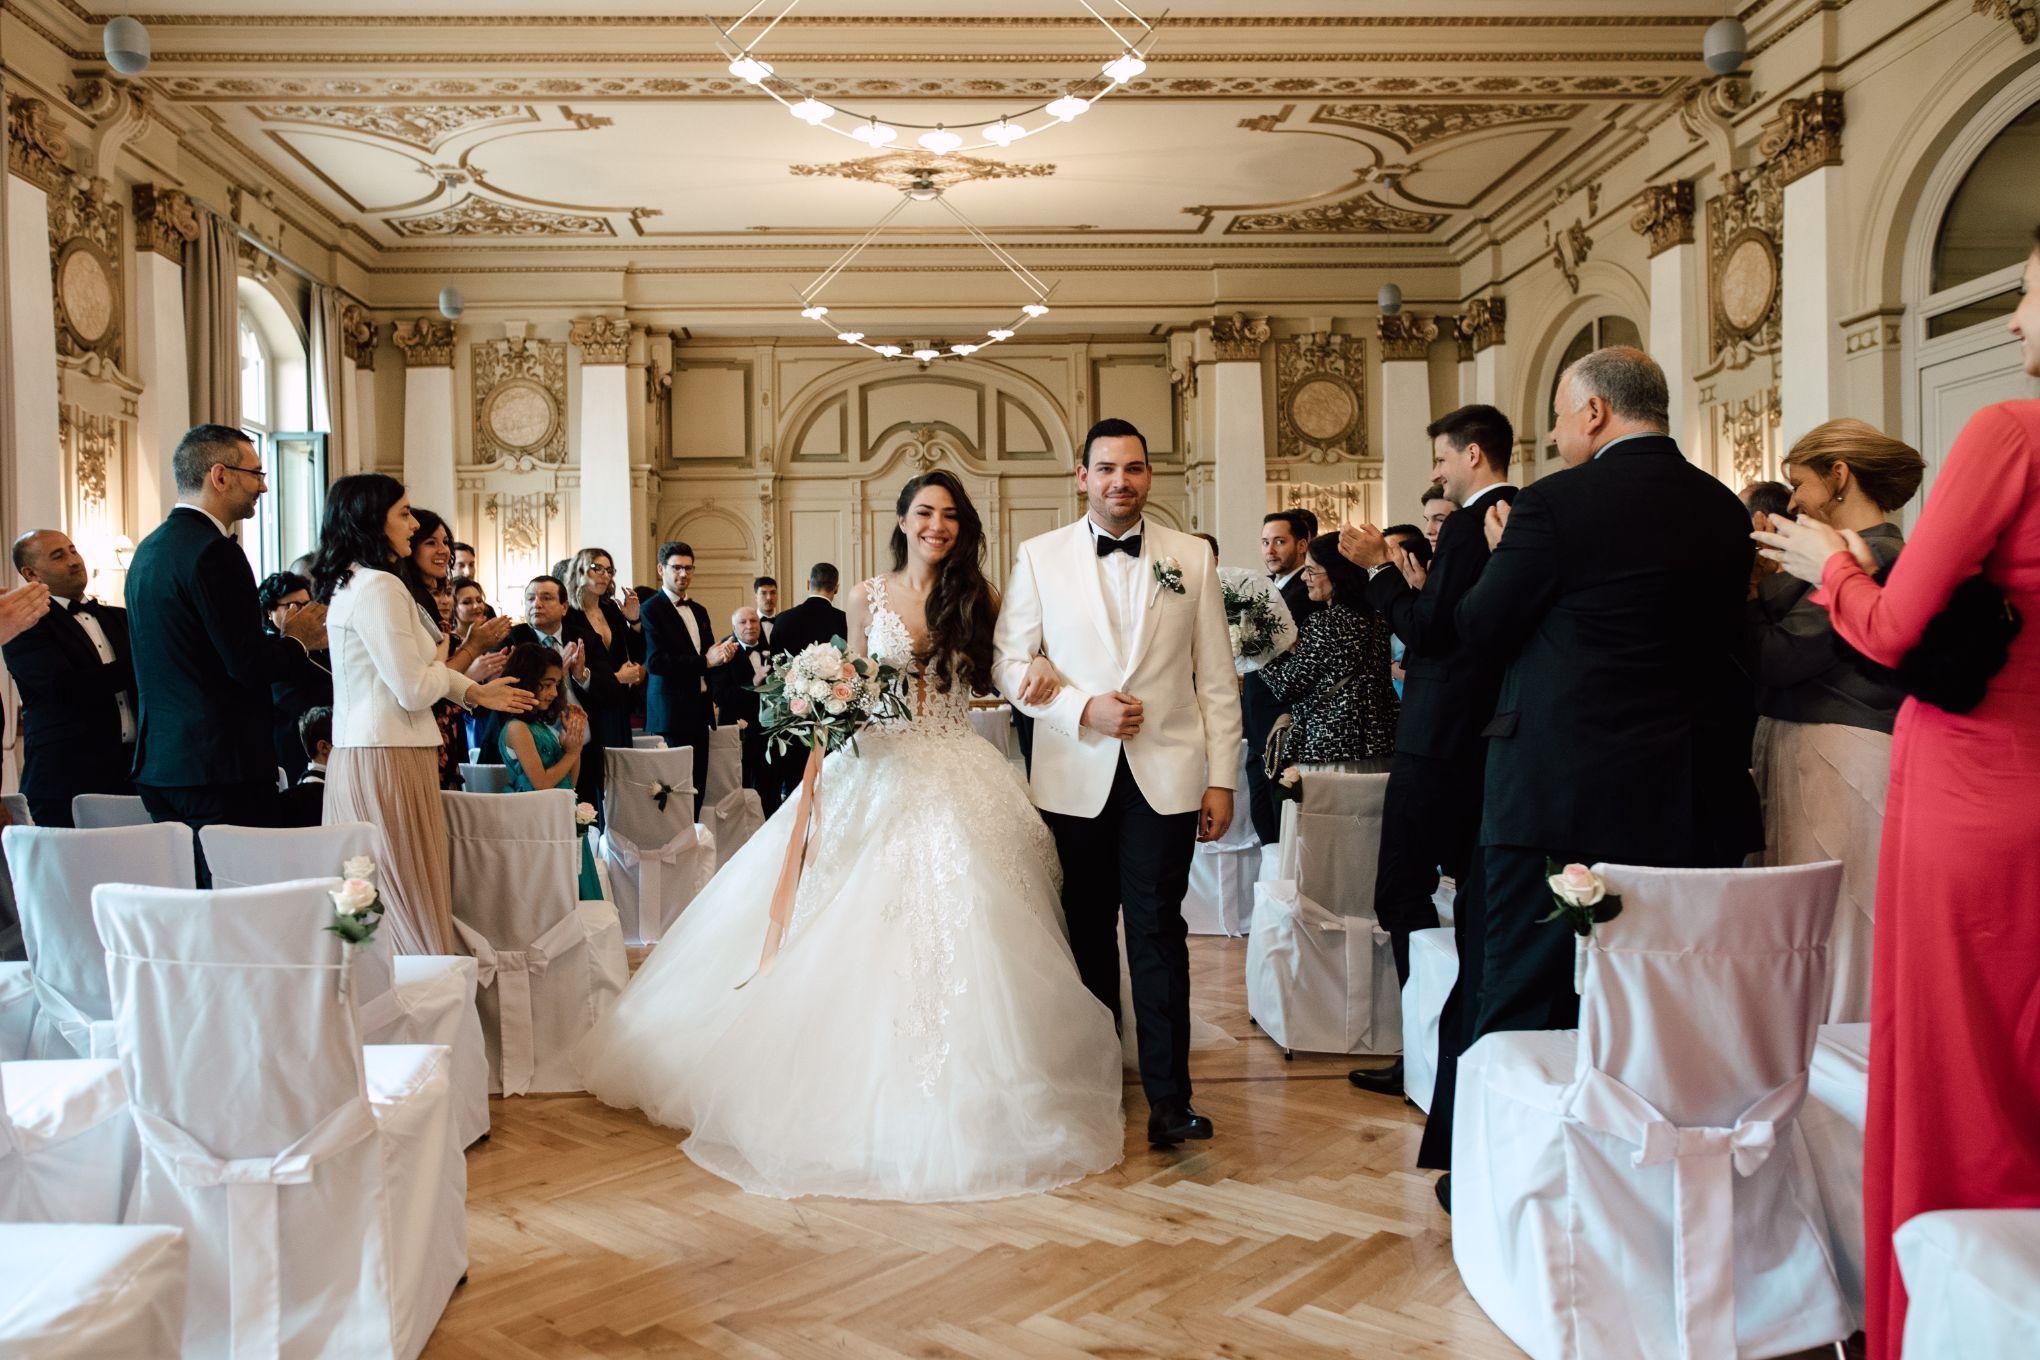 Hochzeit-Historische-Stadthalle-Wuppertal-The-Saums-KN-32.jpg